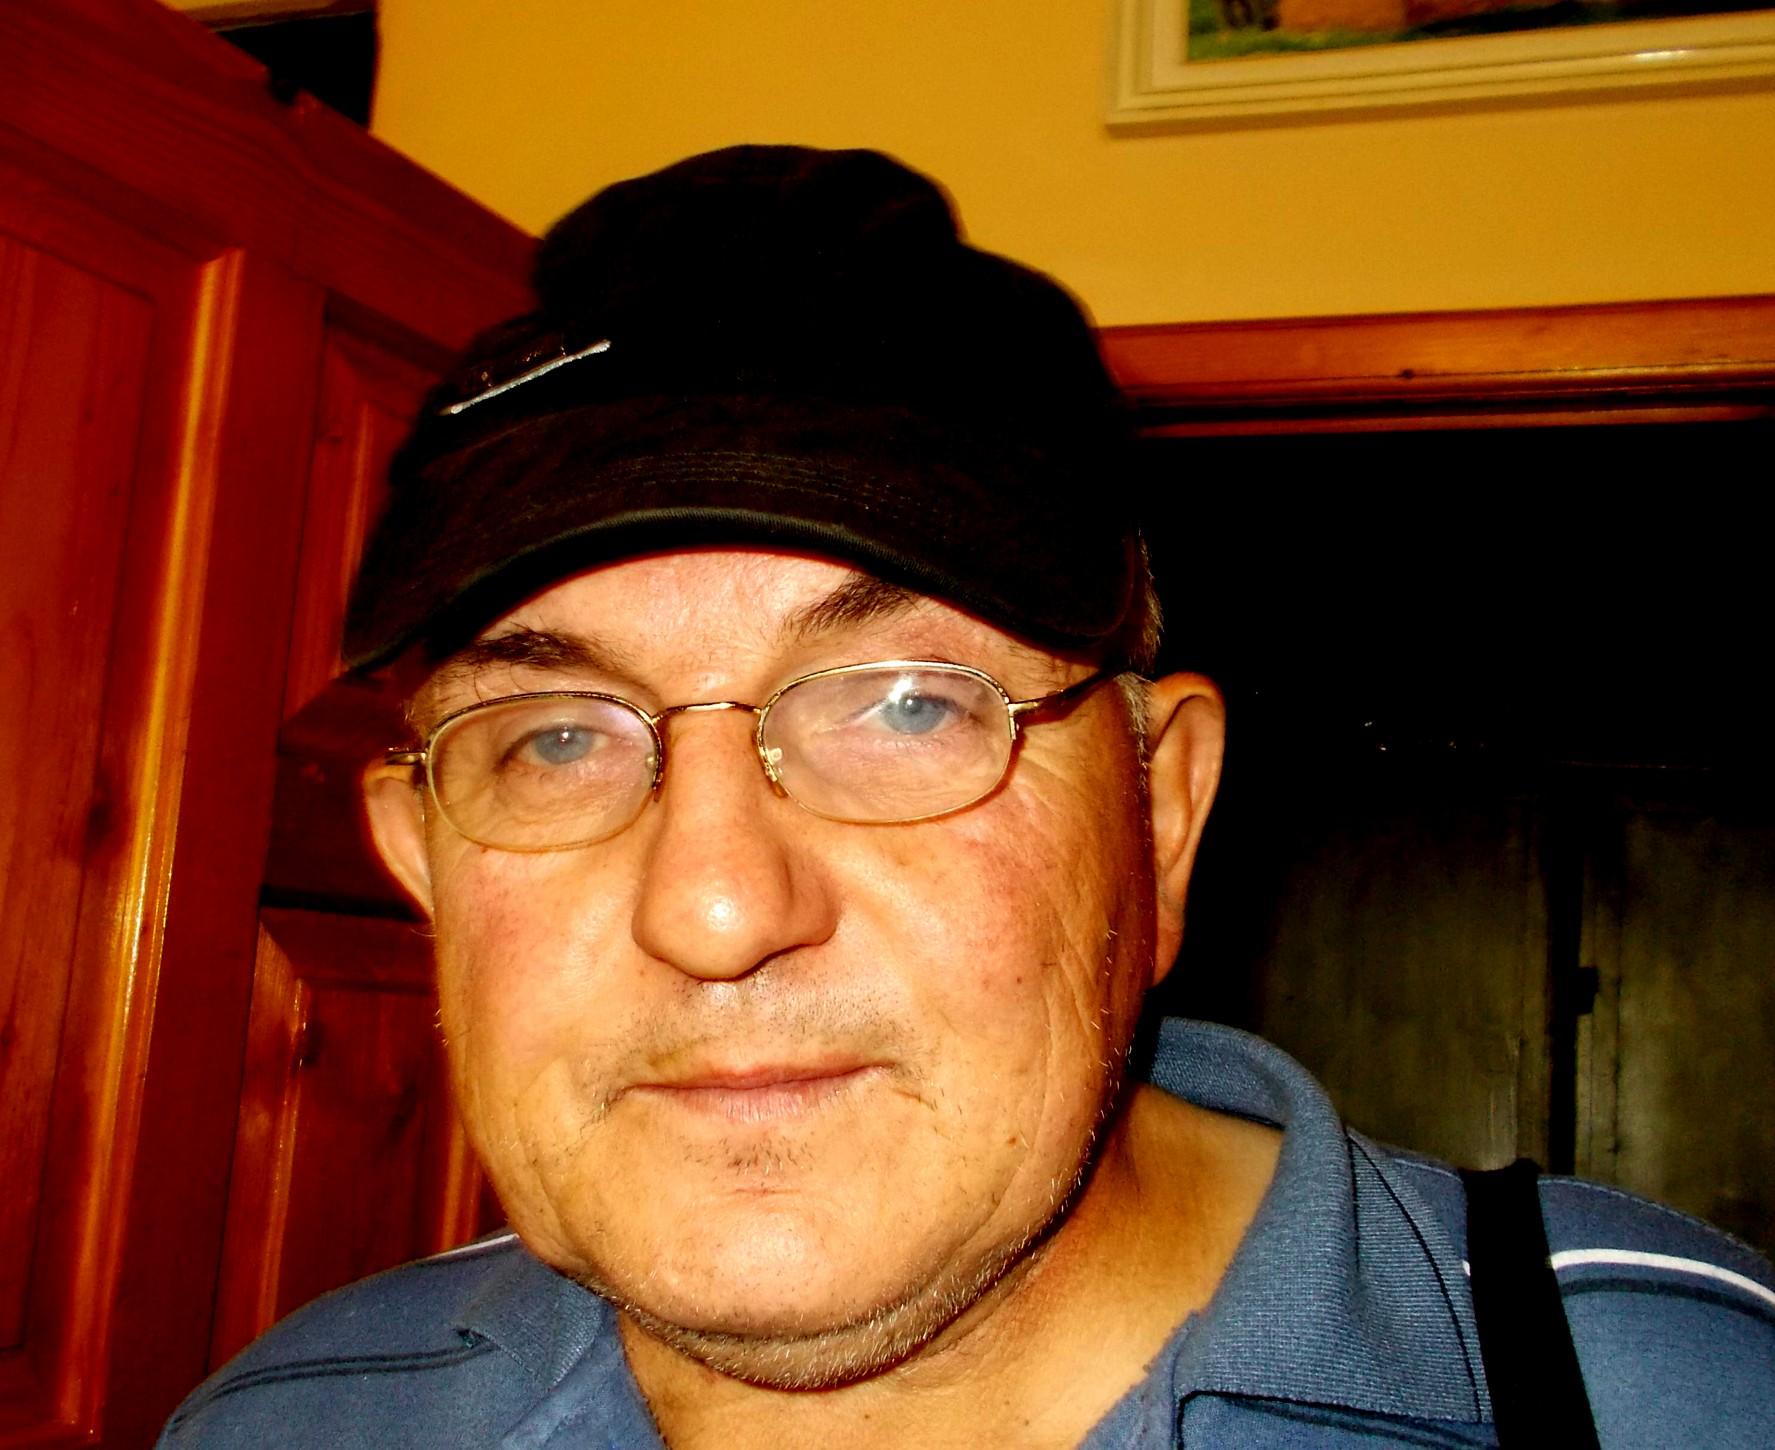 Georgel Mihalciuc